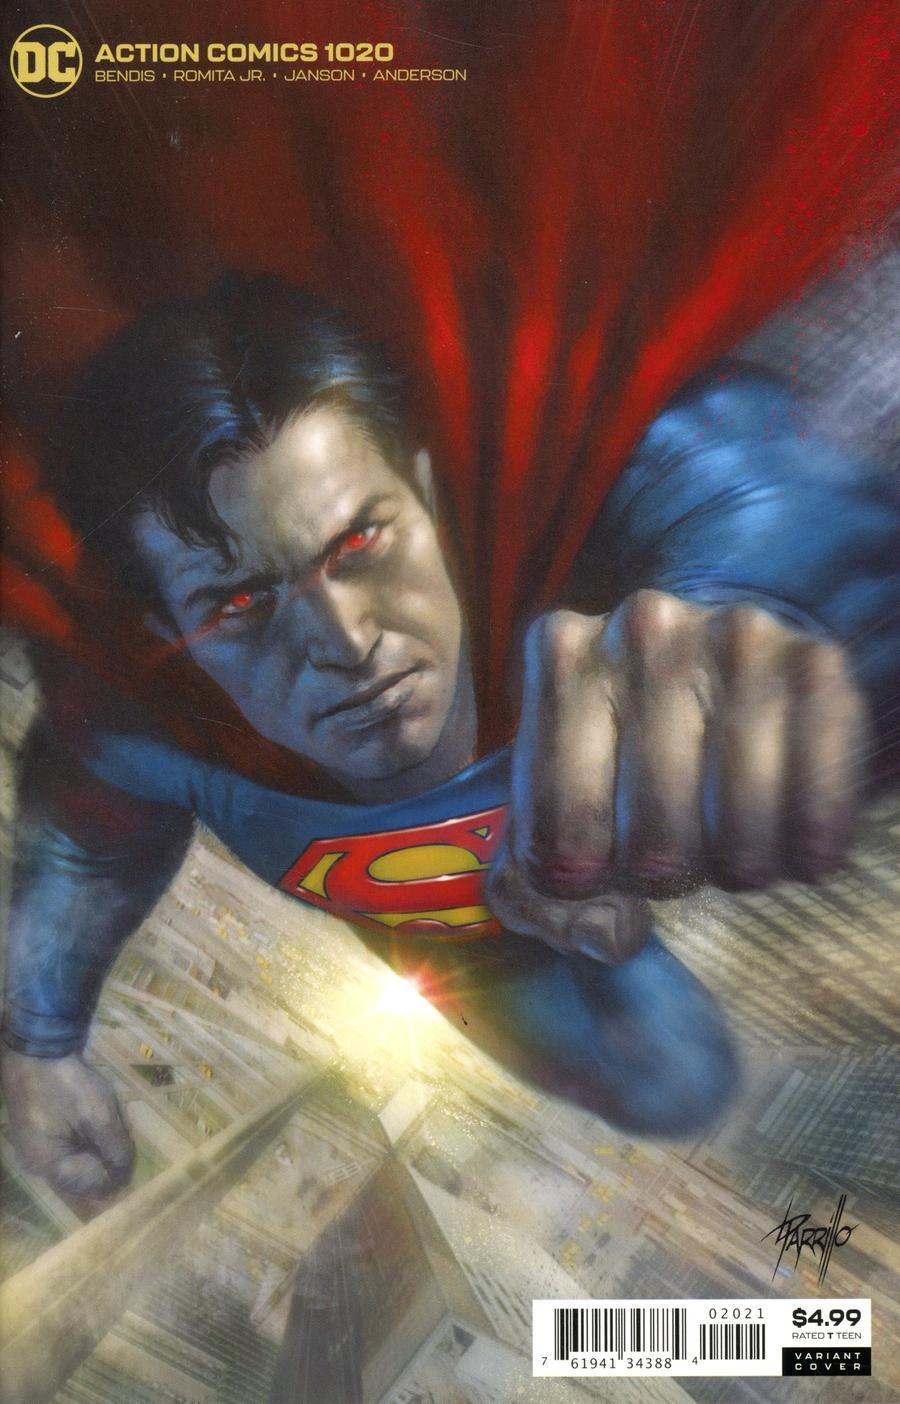 Action Comics Vol 1 1020 Variant.jpg